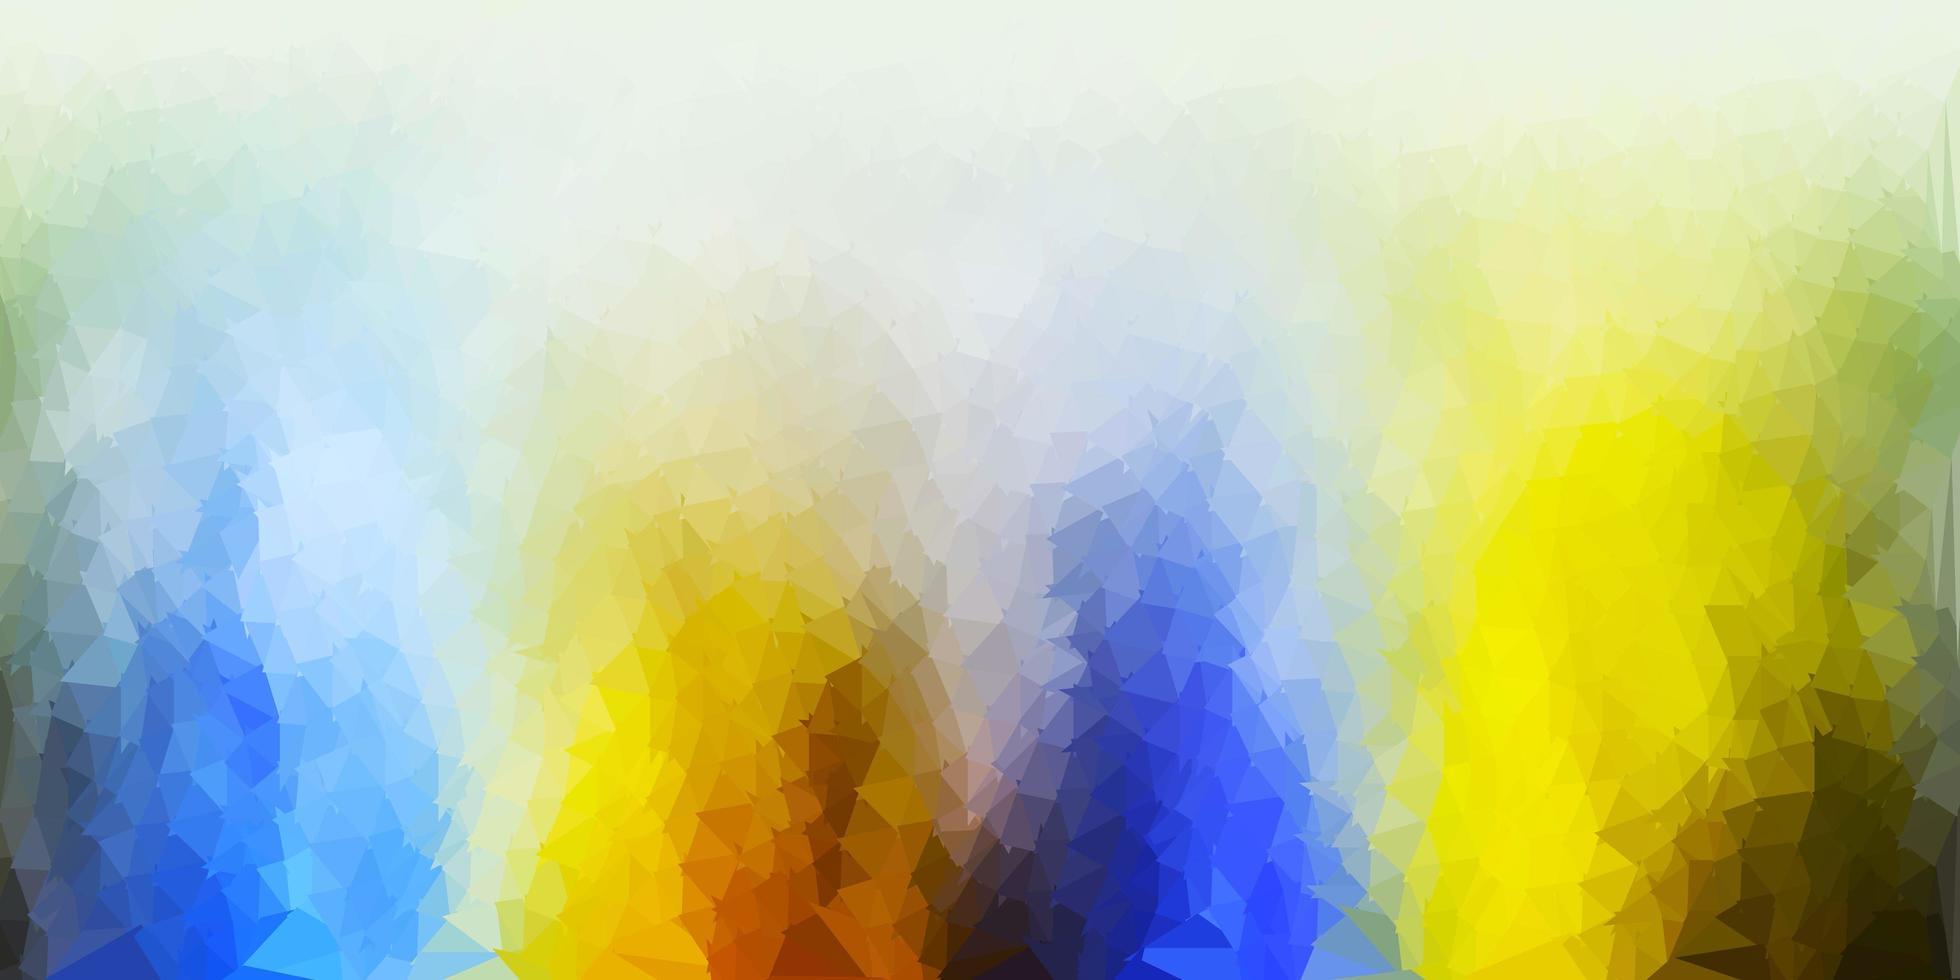 ljusblått, gult vektor månghörnigt mönster.